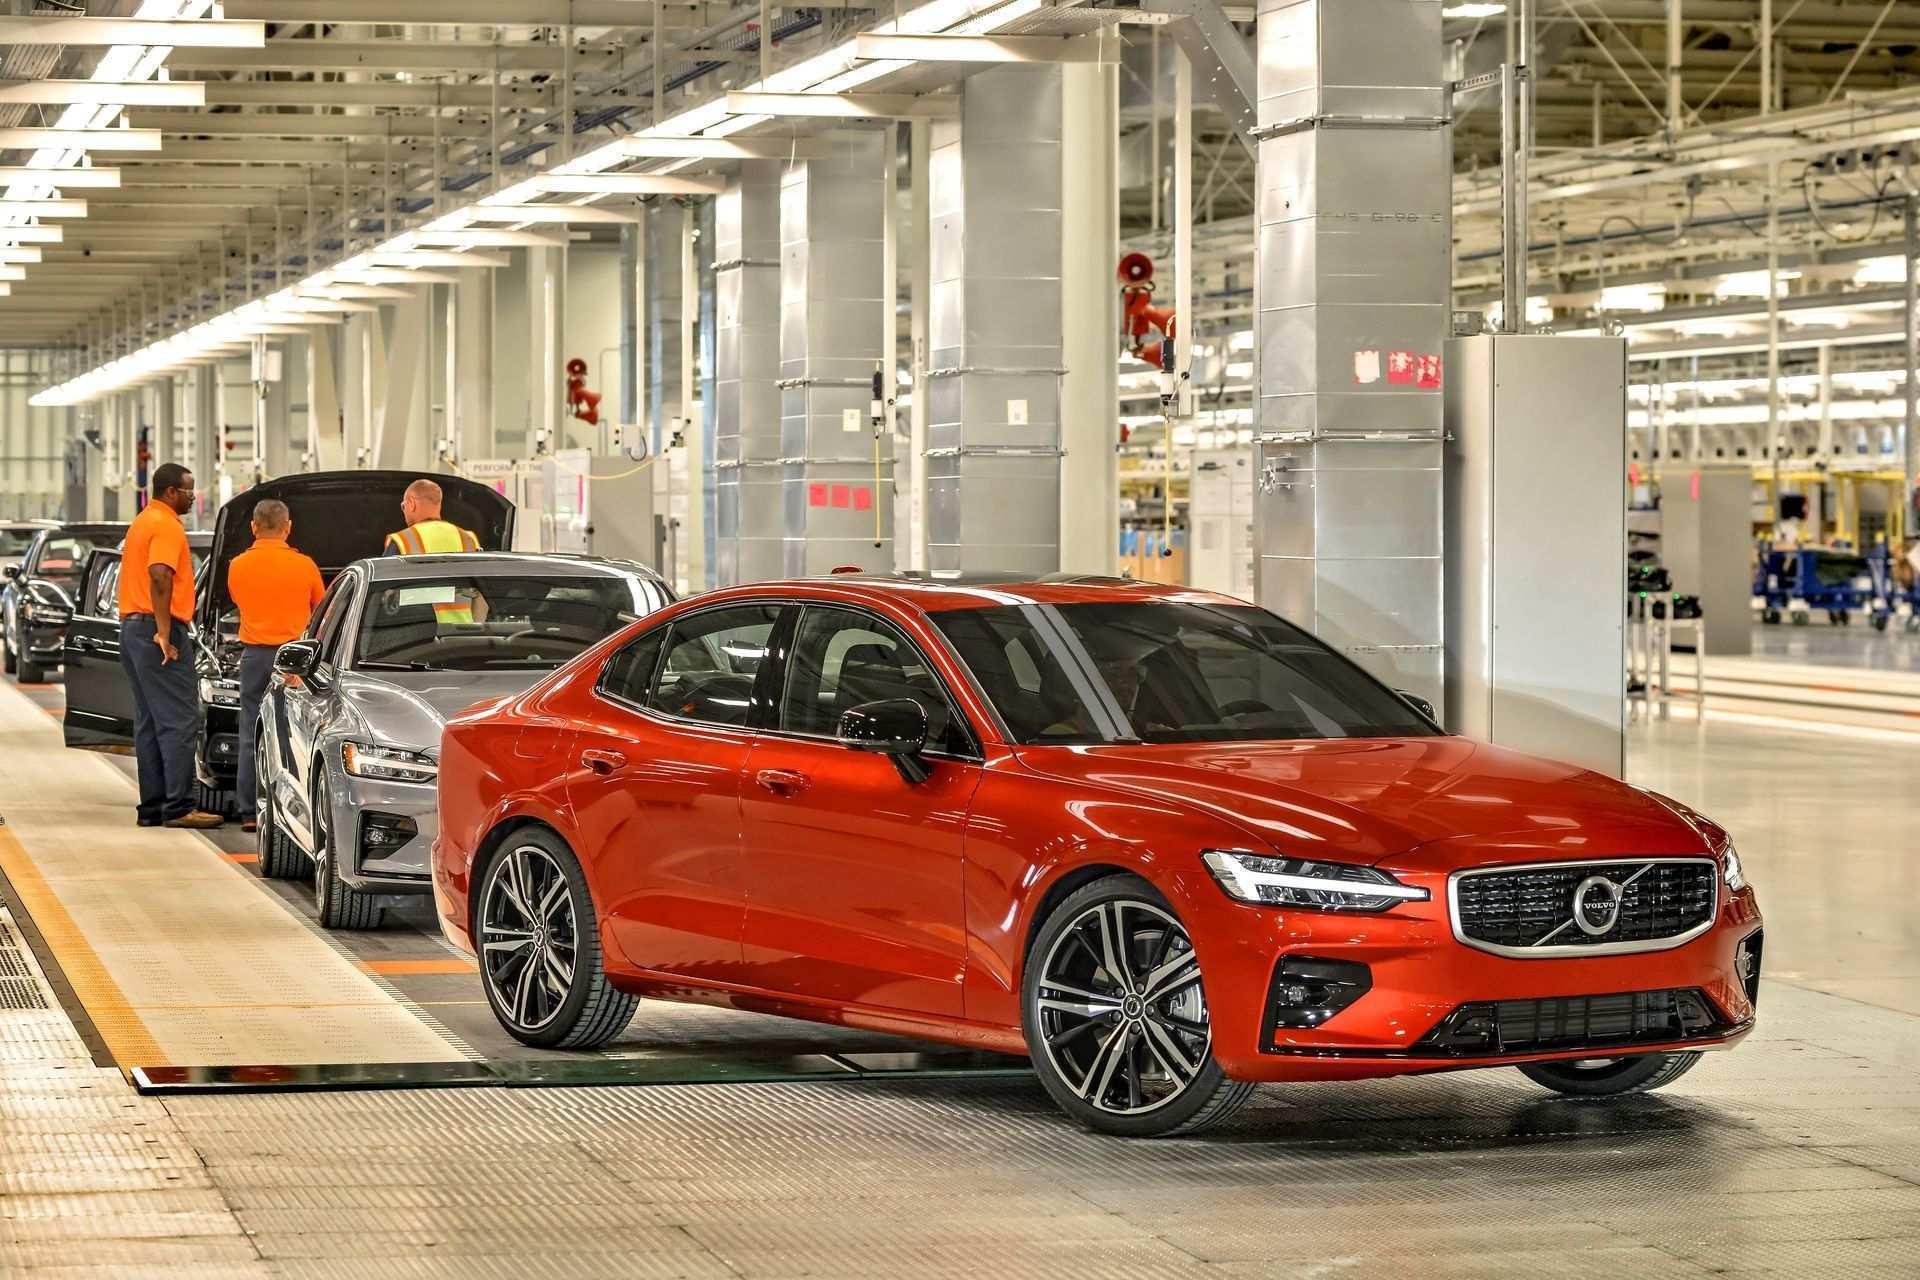 74 New 2019 Volvo V60 Price New Concept with 2019 Volvo V60 Price